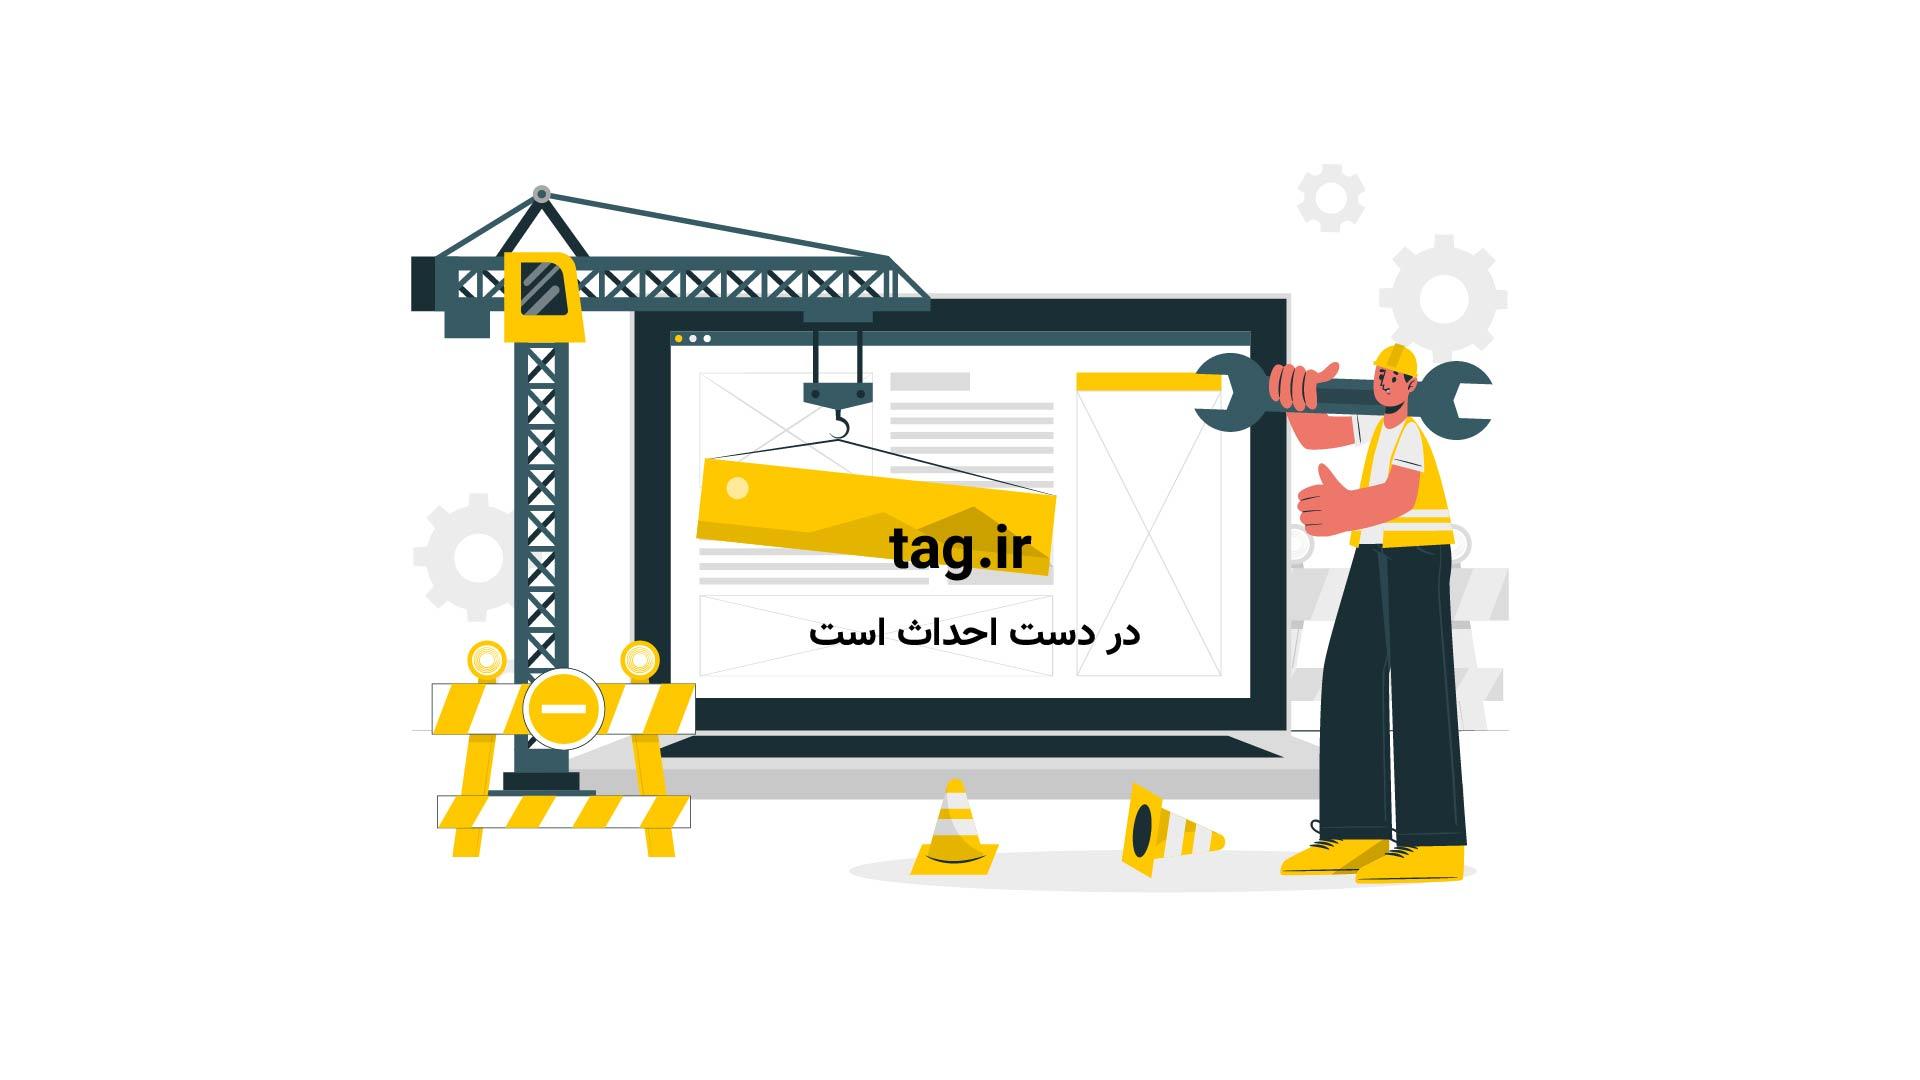 کوهنوردان | تگ